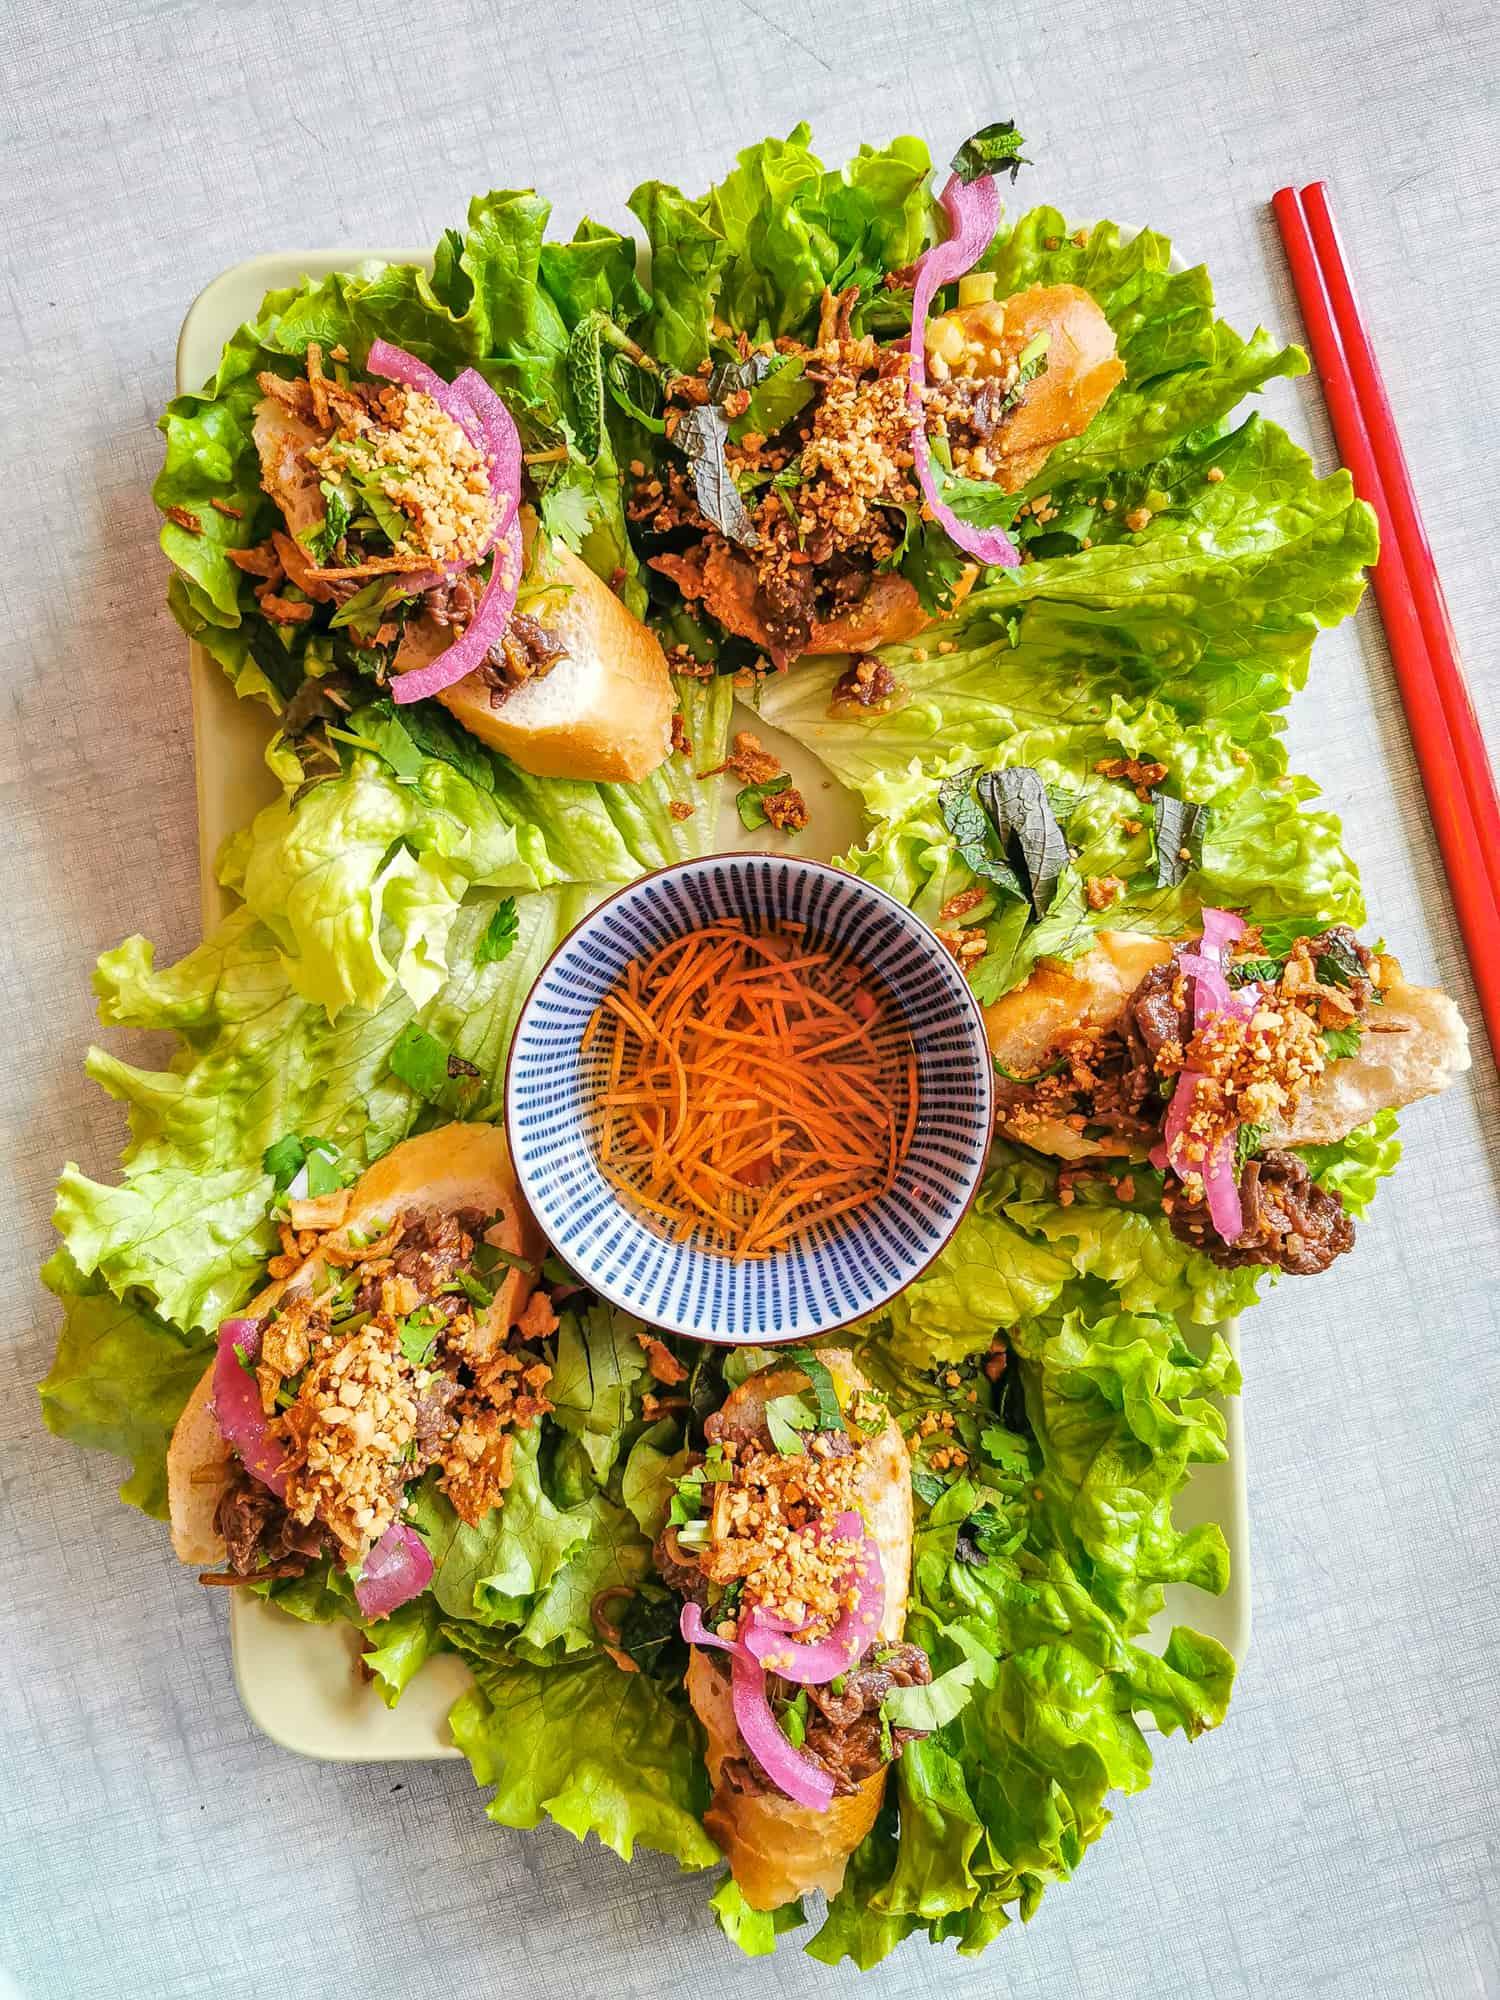 ca-phe-broc-ouest-restaurant-vietnamien-paris-14-bouiboui-30